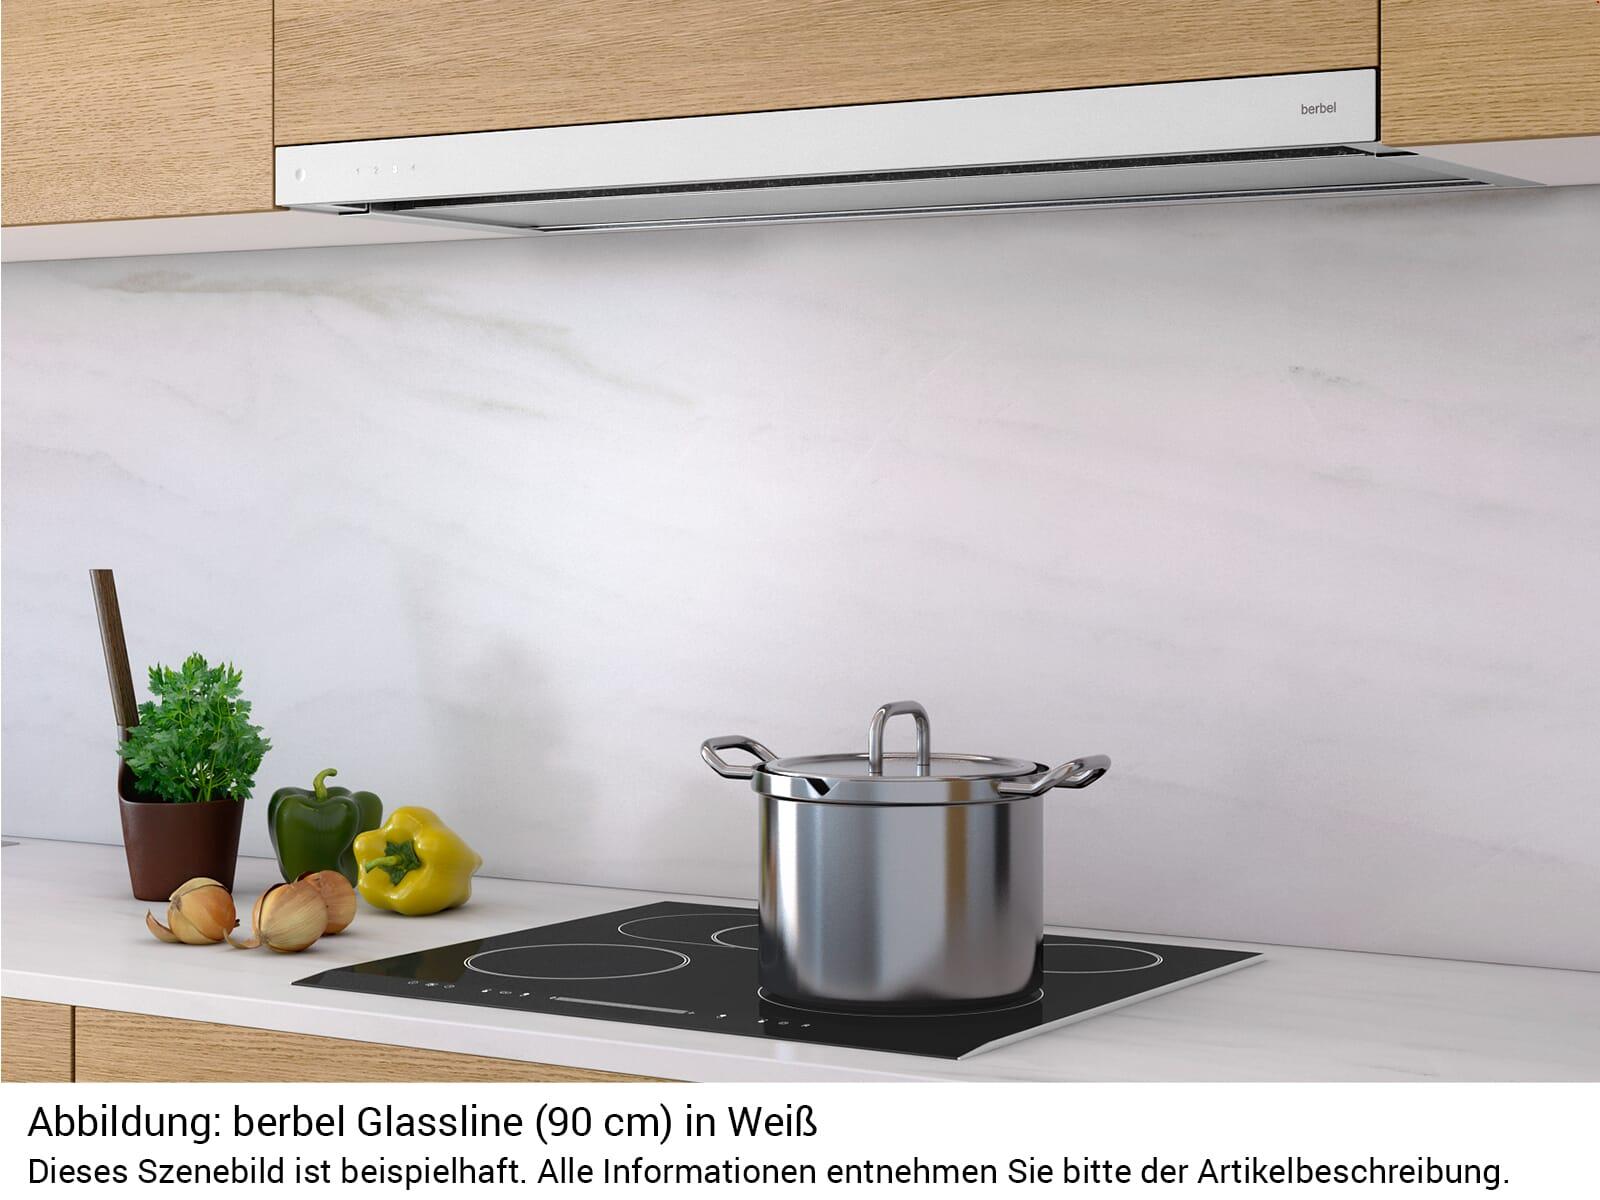 Berbel Glassline BEH 90 GL Flachschirmhaube Weiß